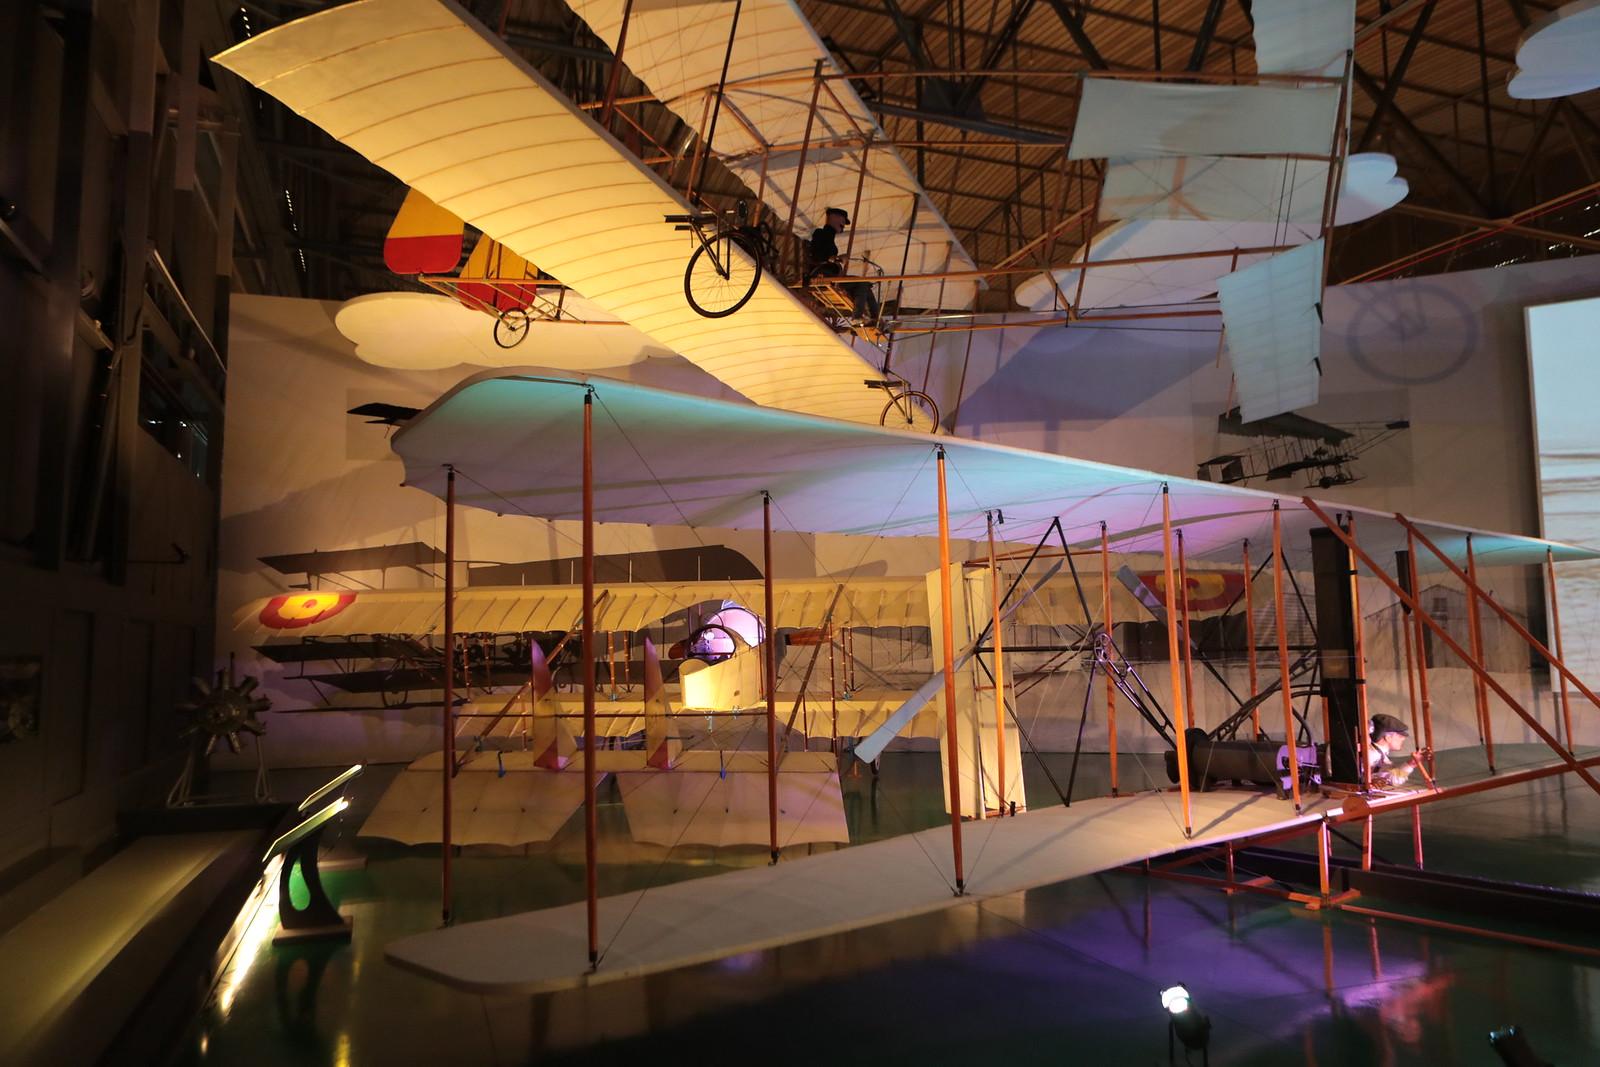 Primer avión que se puede ver al entrar al hangar 1 del Museo